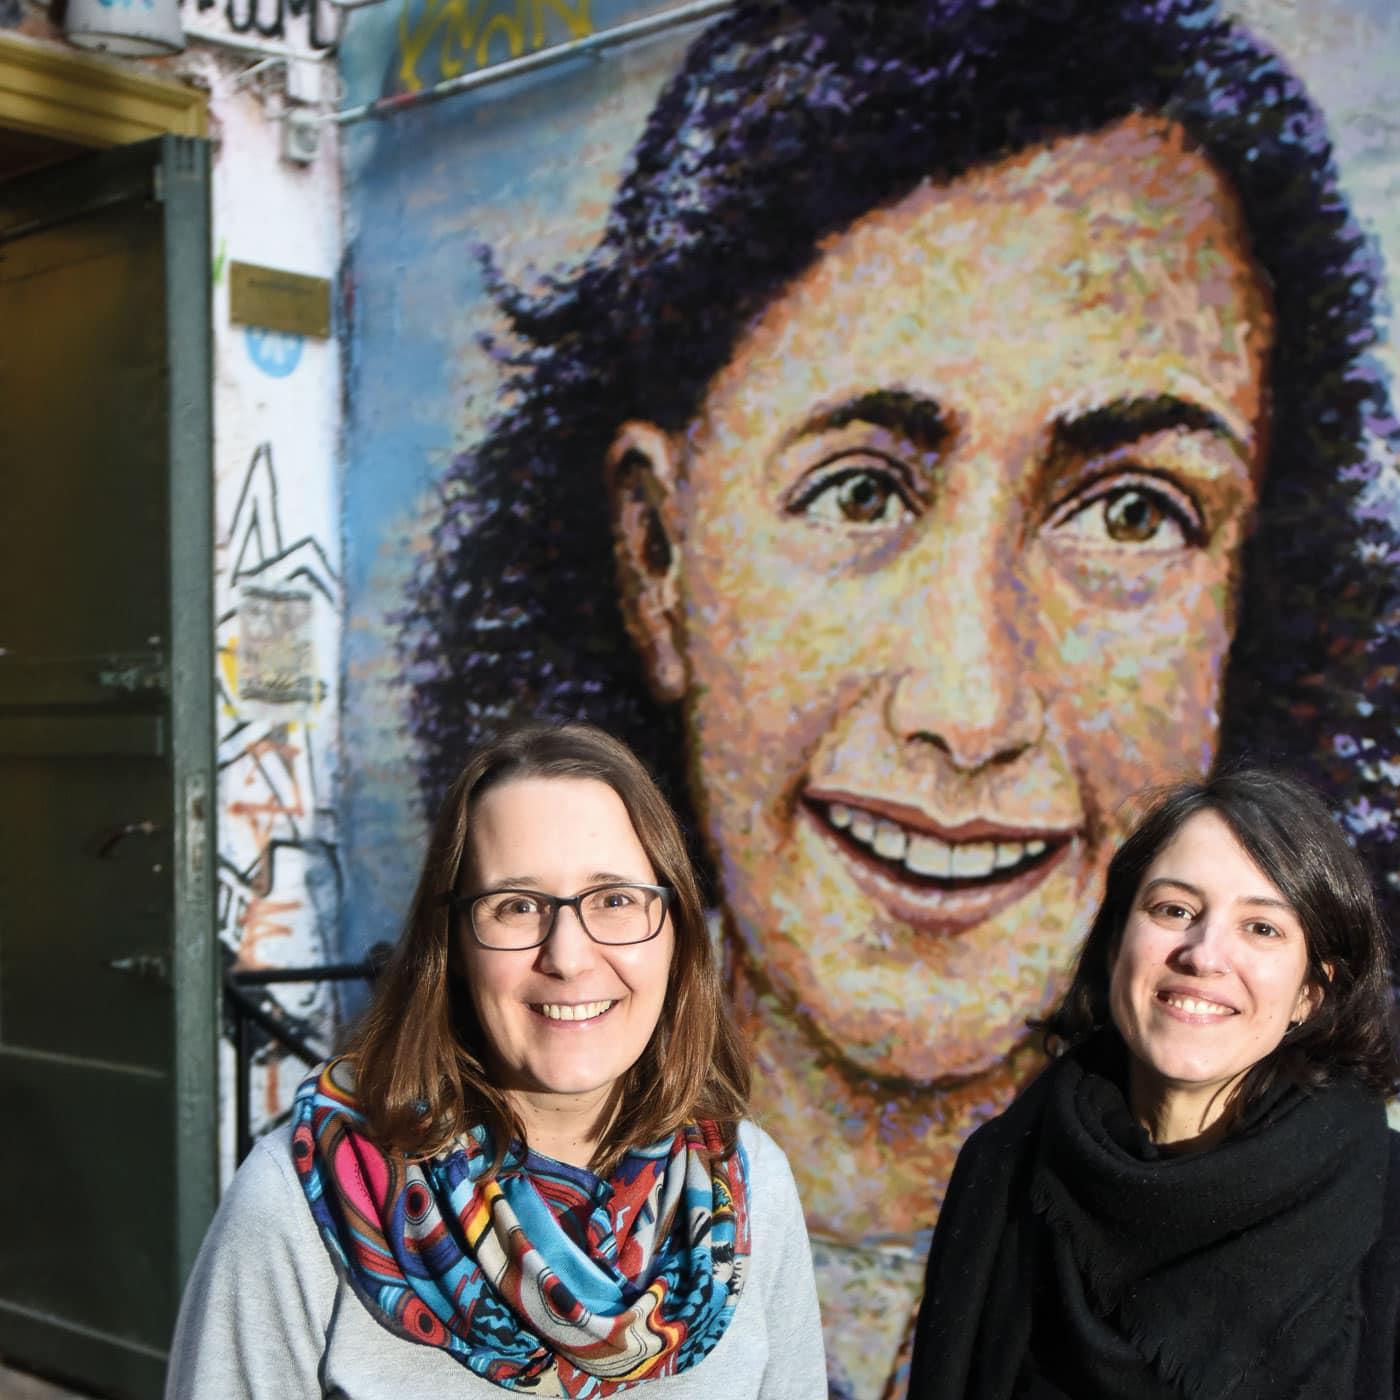 Die Historikerinnen vor einem Anne Frank-Portrait // HIMBEER